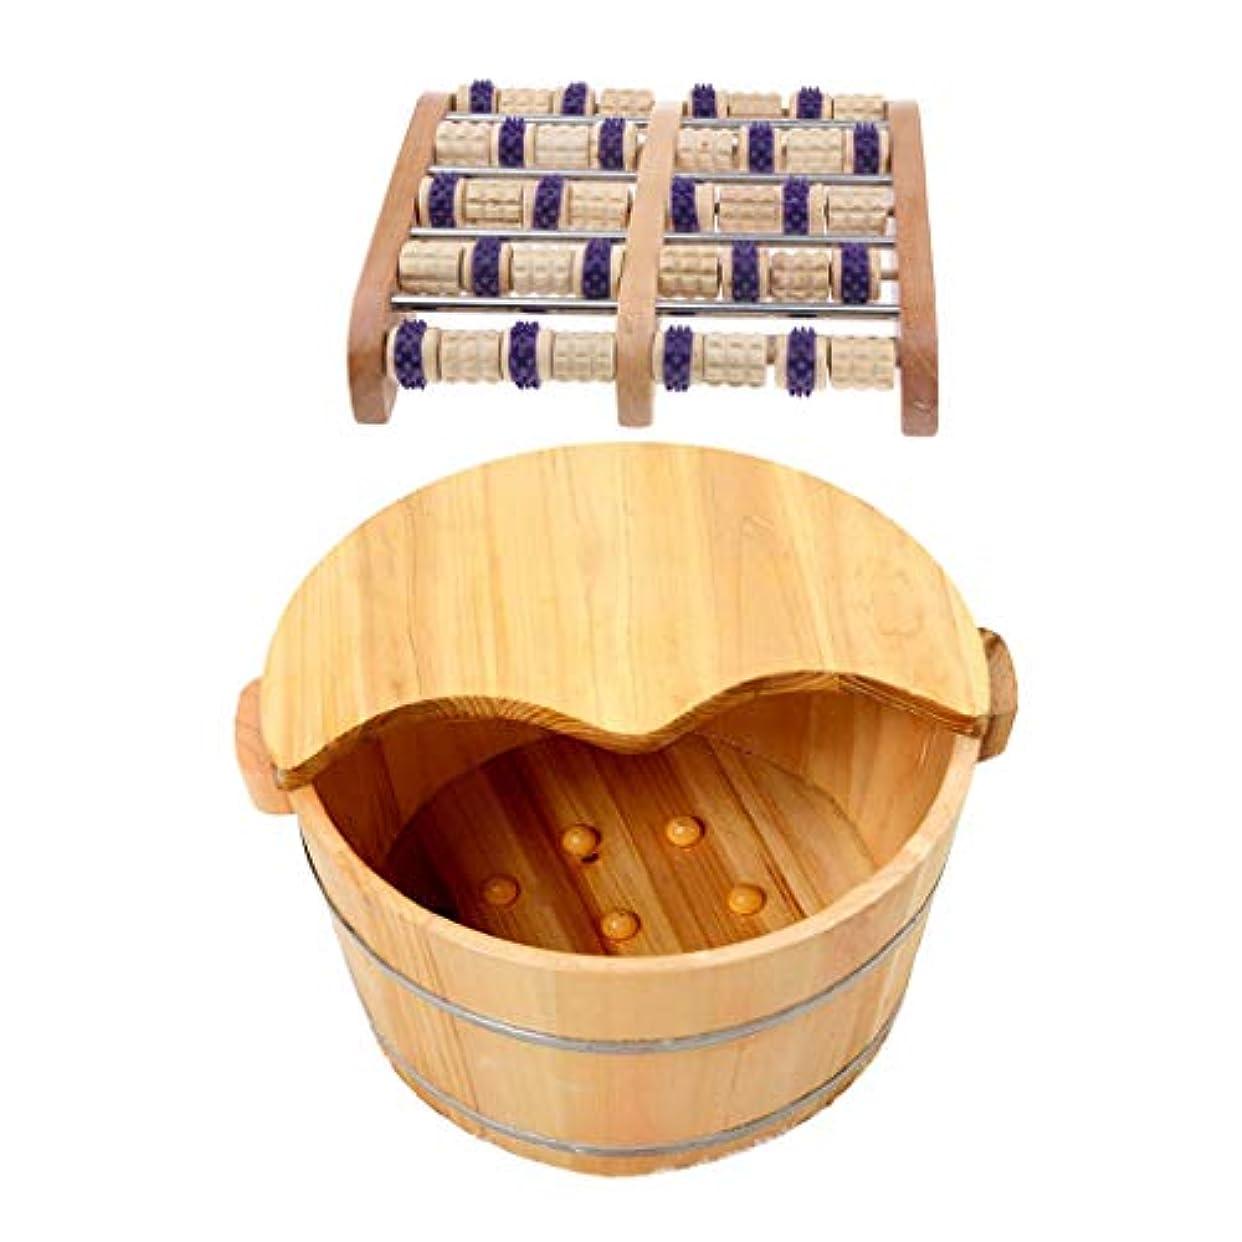 仕方民兵質量Fenteer 足つぼマッサージ 手作りウッドマッサー フット ローラー 足裏刺激 血行促進 木製の足の洗面台付き